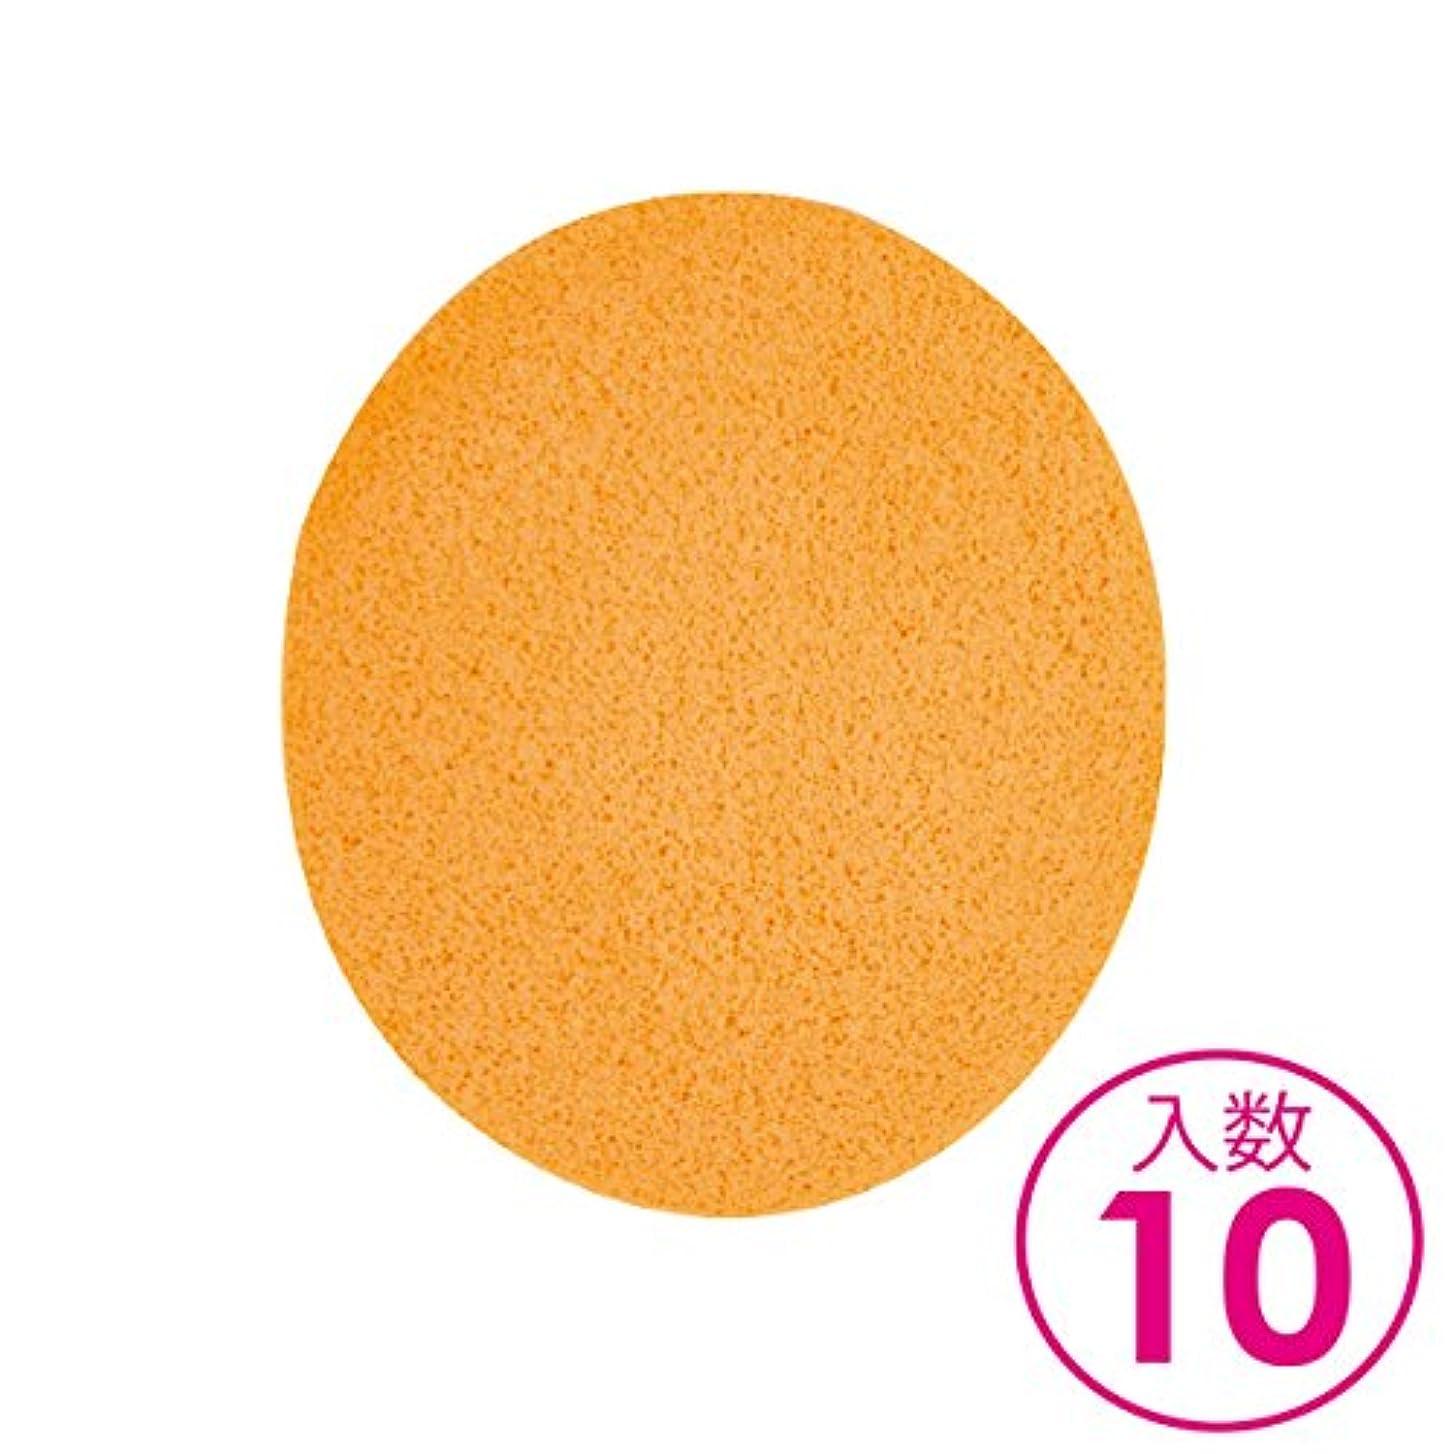 ディーラーシフトリズムボディスポンジ 幅120×長さ140×厚み10mm (きめ粗い) 10枚入 オレンジ [ ボディスポンジ ボディ用スポンジ マッサージスポンジ ボディ ボディー 体用 エステ スポンジ パック 拭き取り 吸水 保水 ]